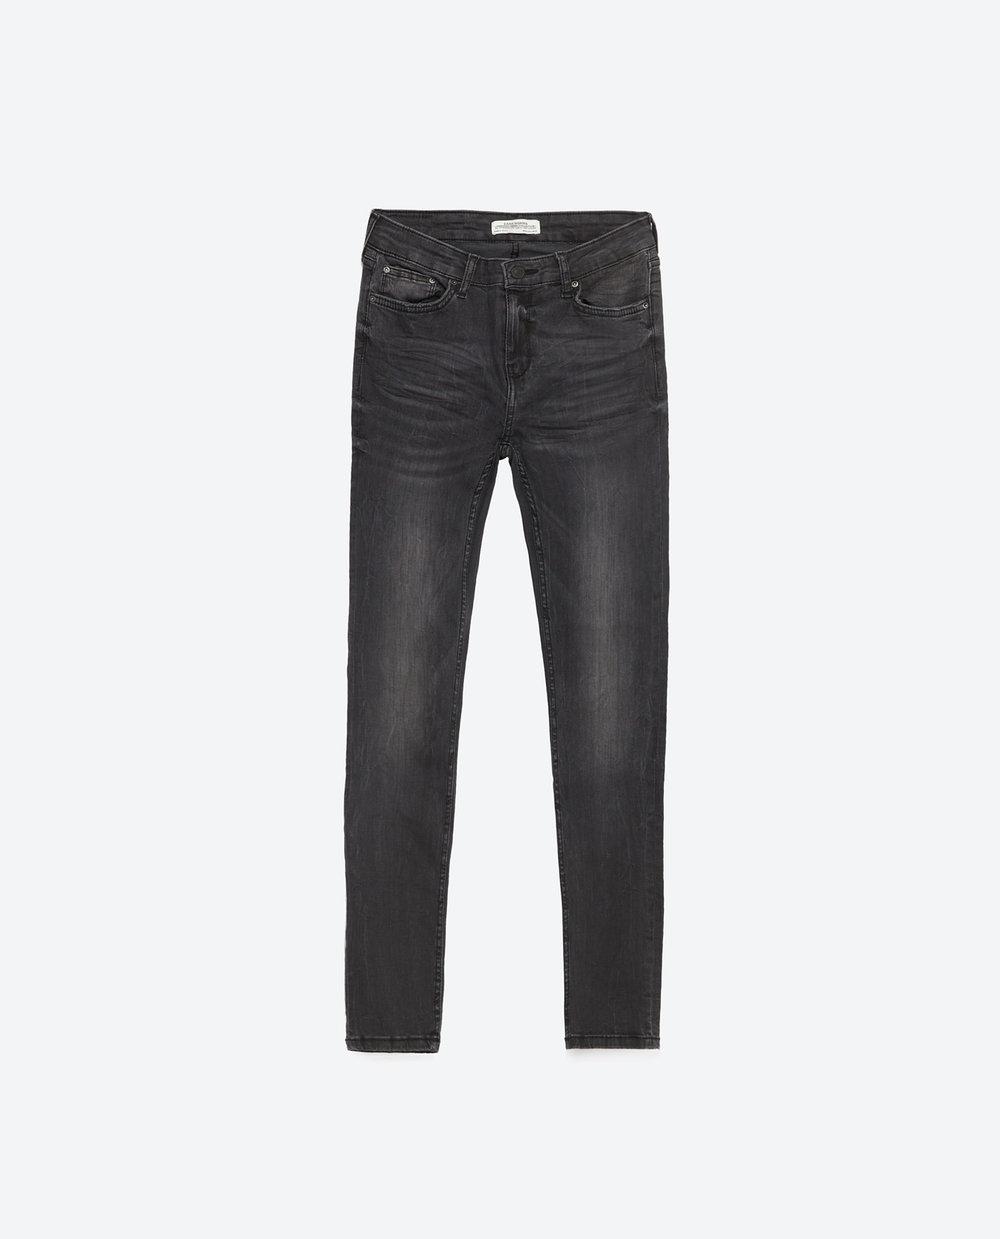 Zara-Grey-Skinny-Jeans.jpg